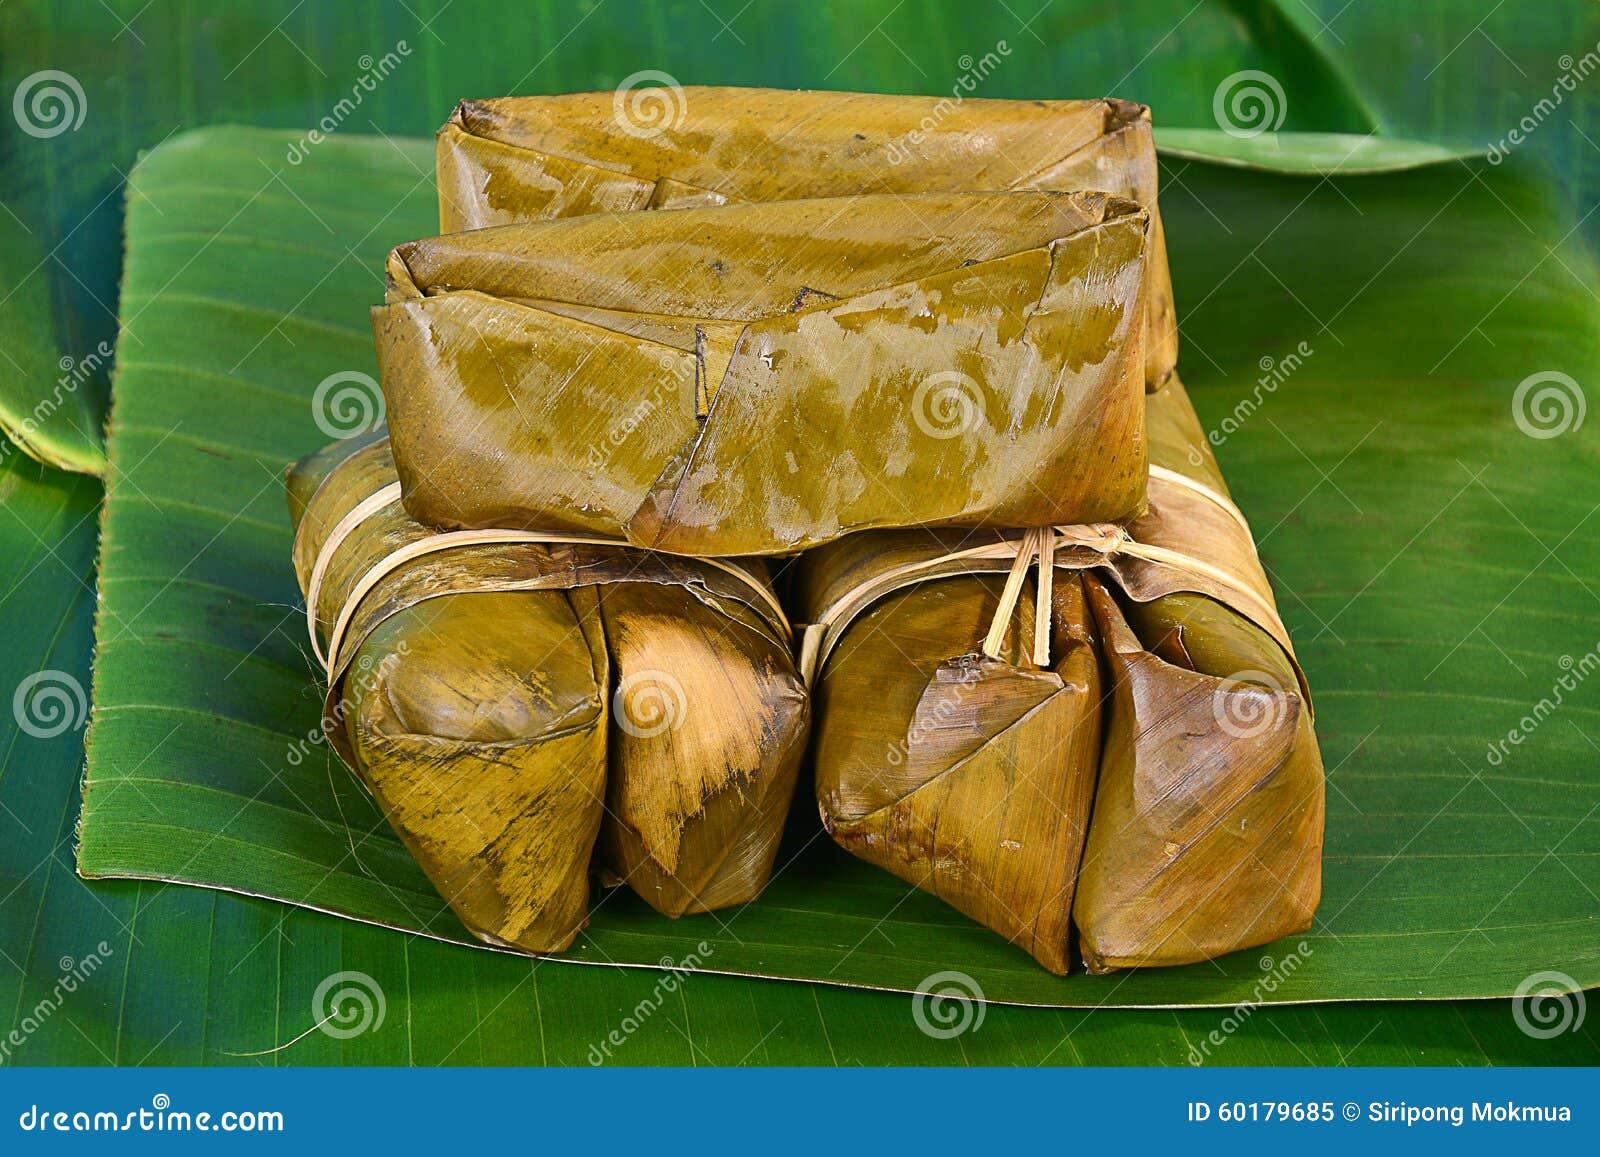 Thaise snoepjesbos van maïsmeelpap op banaanblad